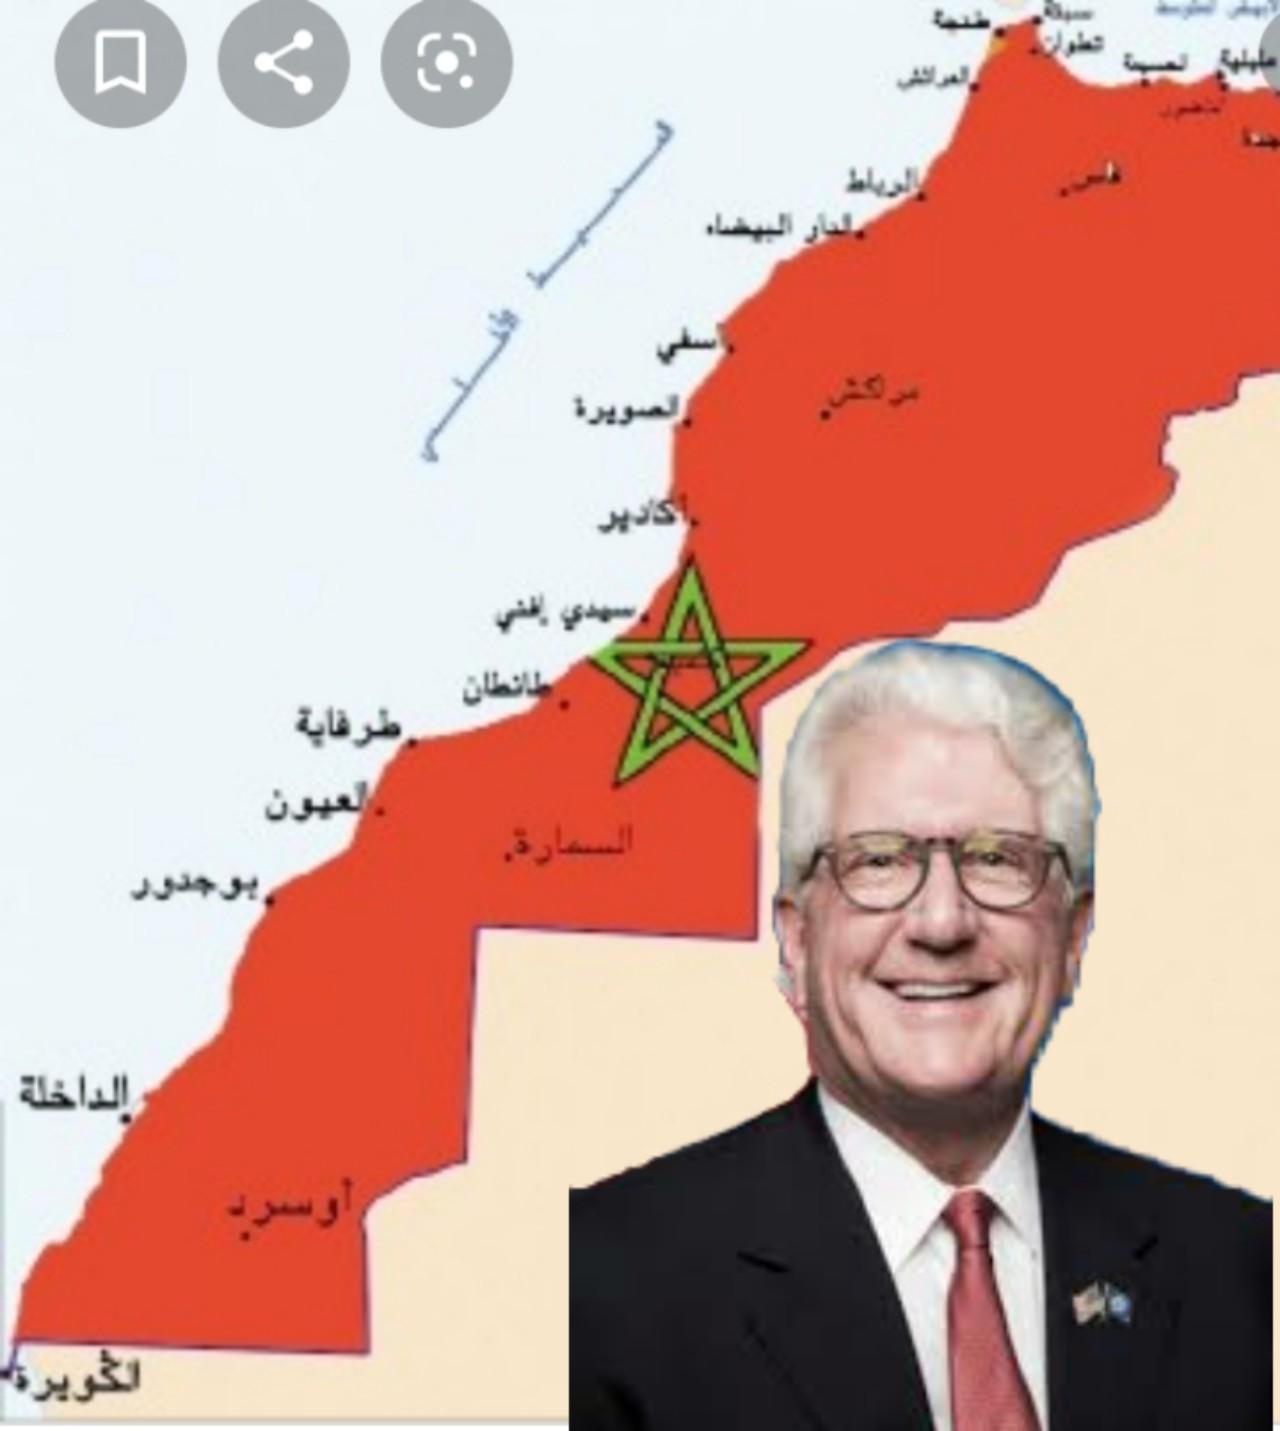 رسميا.. اعتماد خريطة المغرب بصحرائه لدى الولايات المتحدة